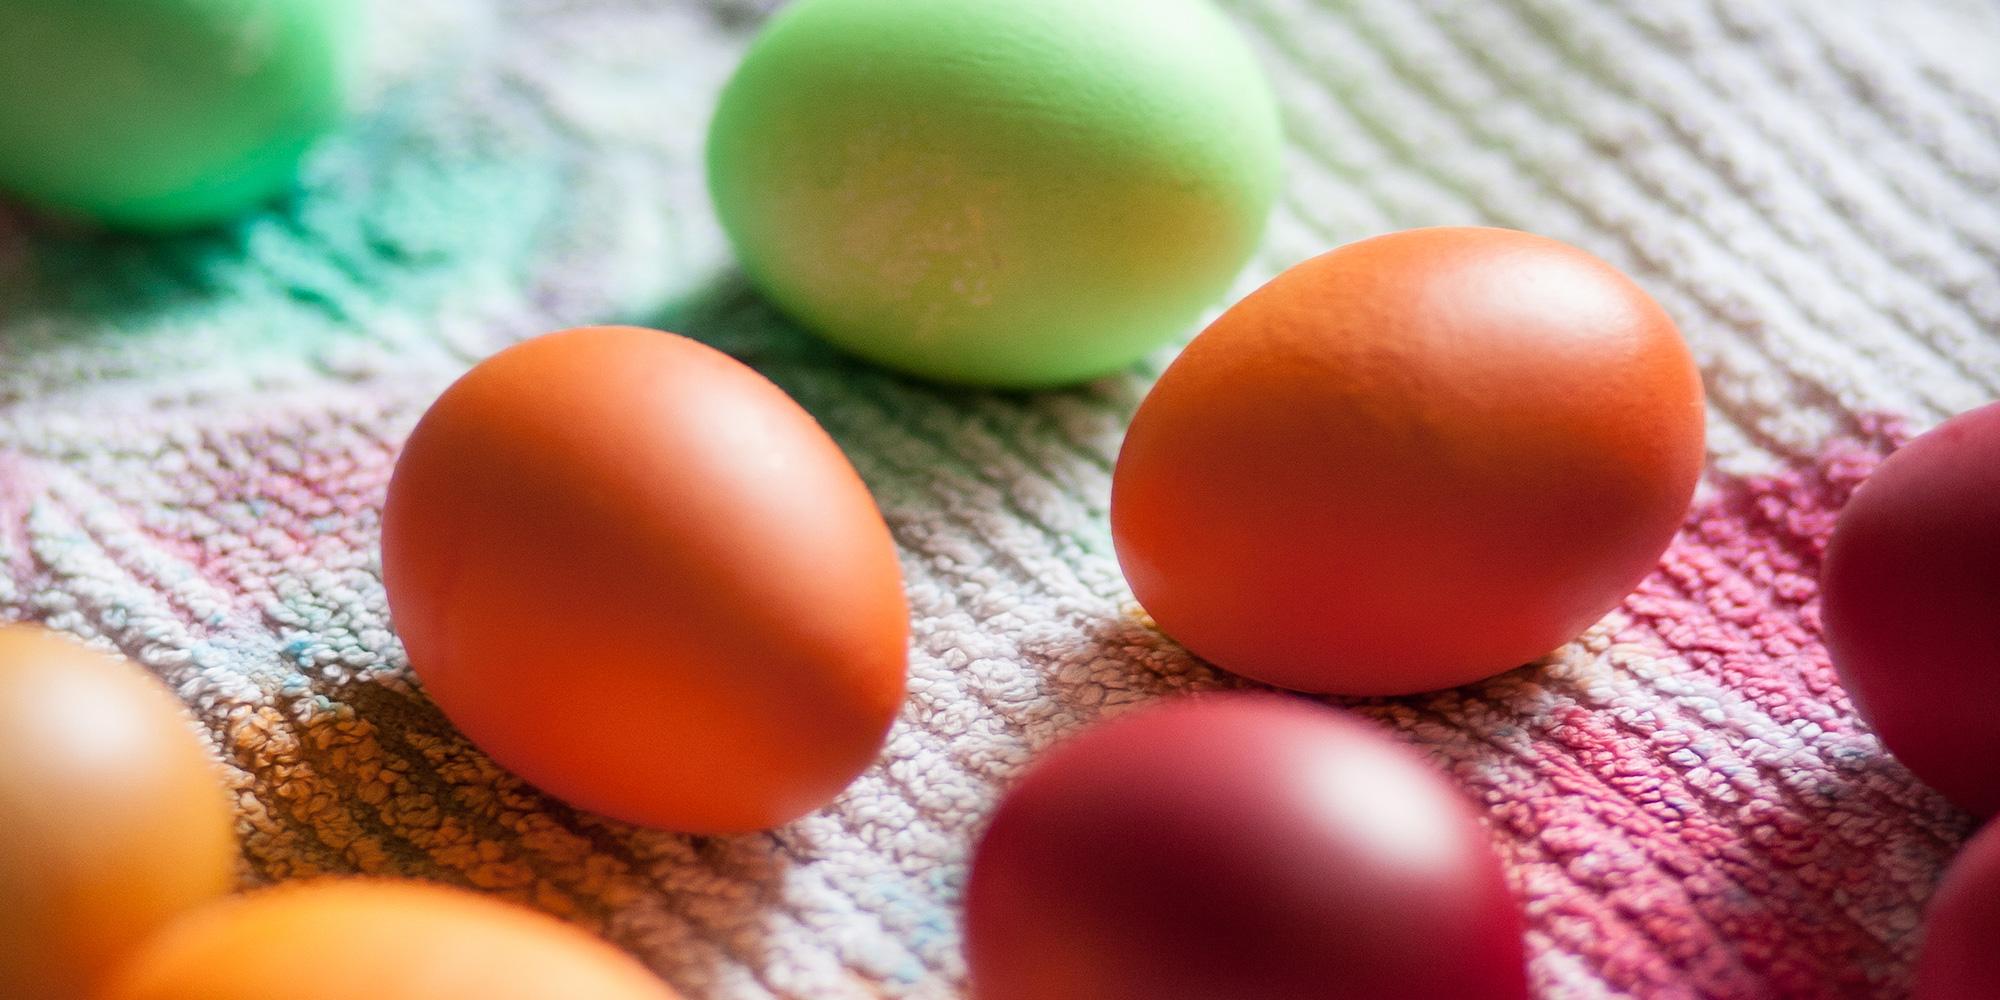 Ziemlich Hartgekochte Eier Für Ostern Färbung Ideen - Malvorlagen ...